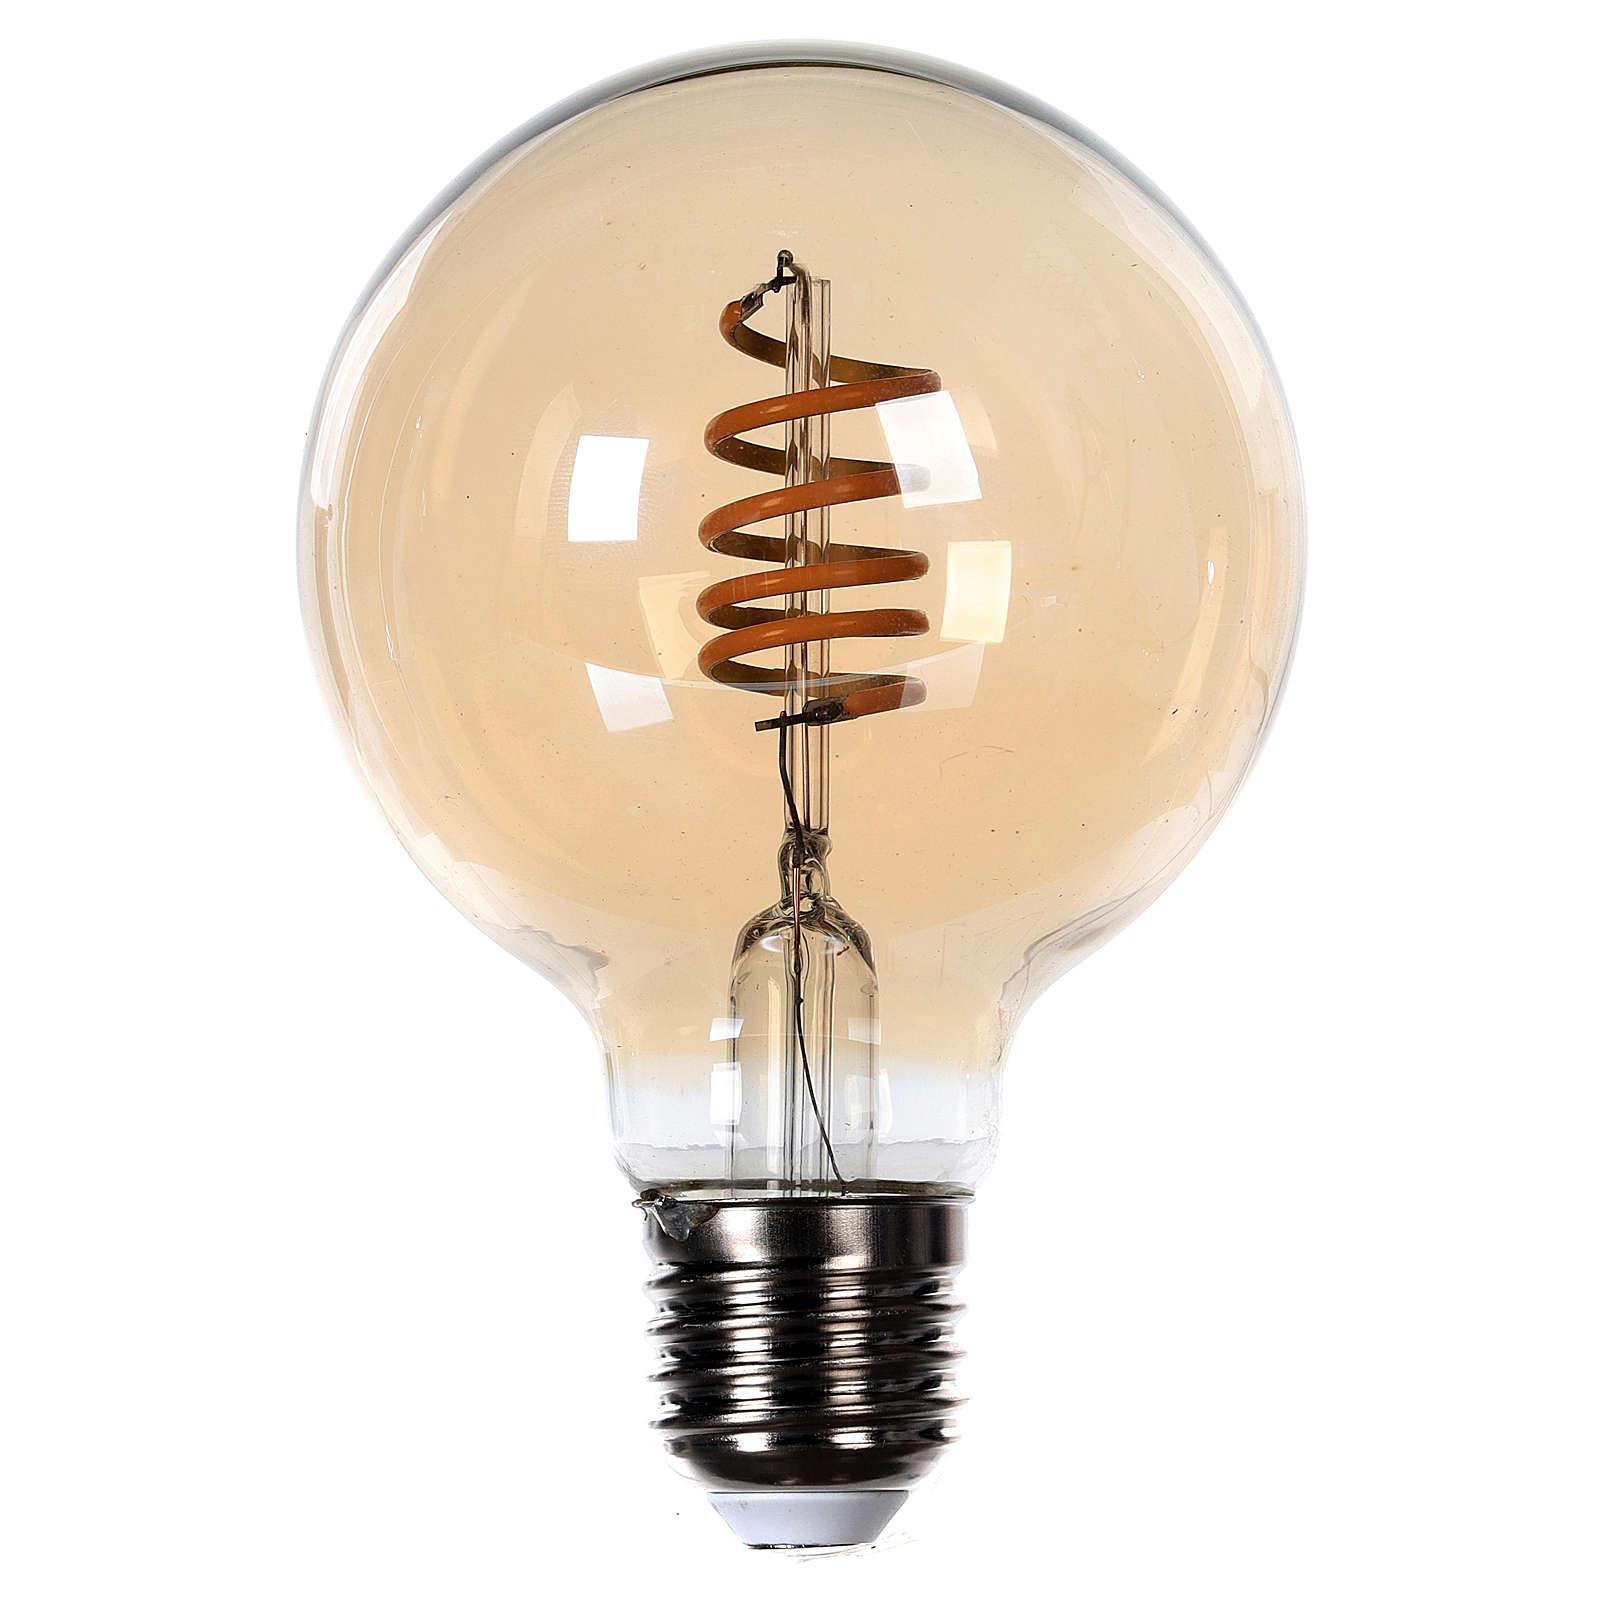 Lâmpada luz cor ambarina 4W E27 3